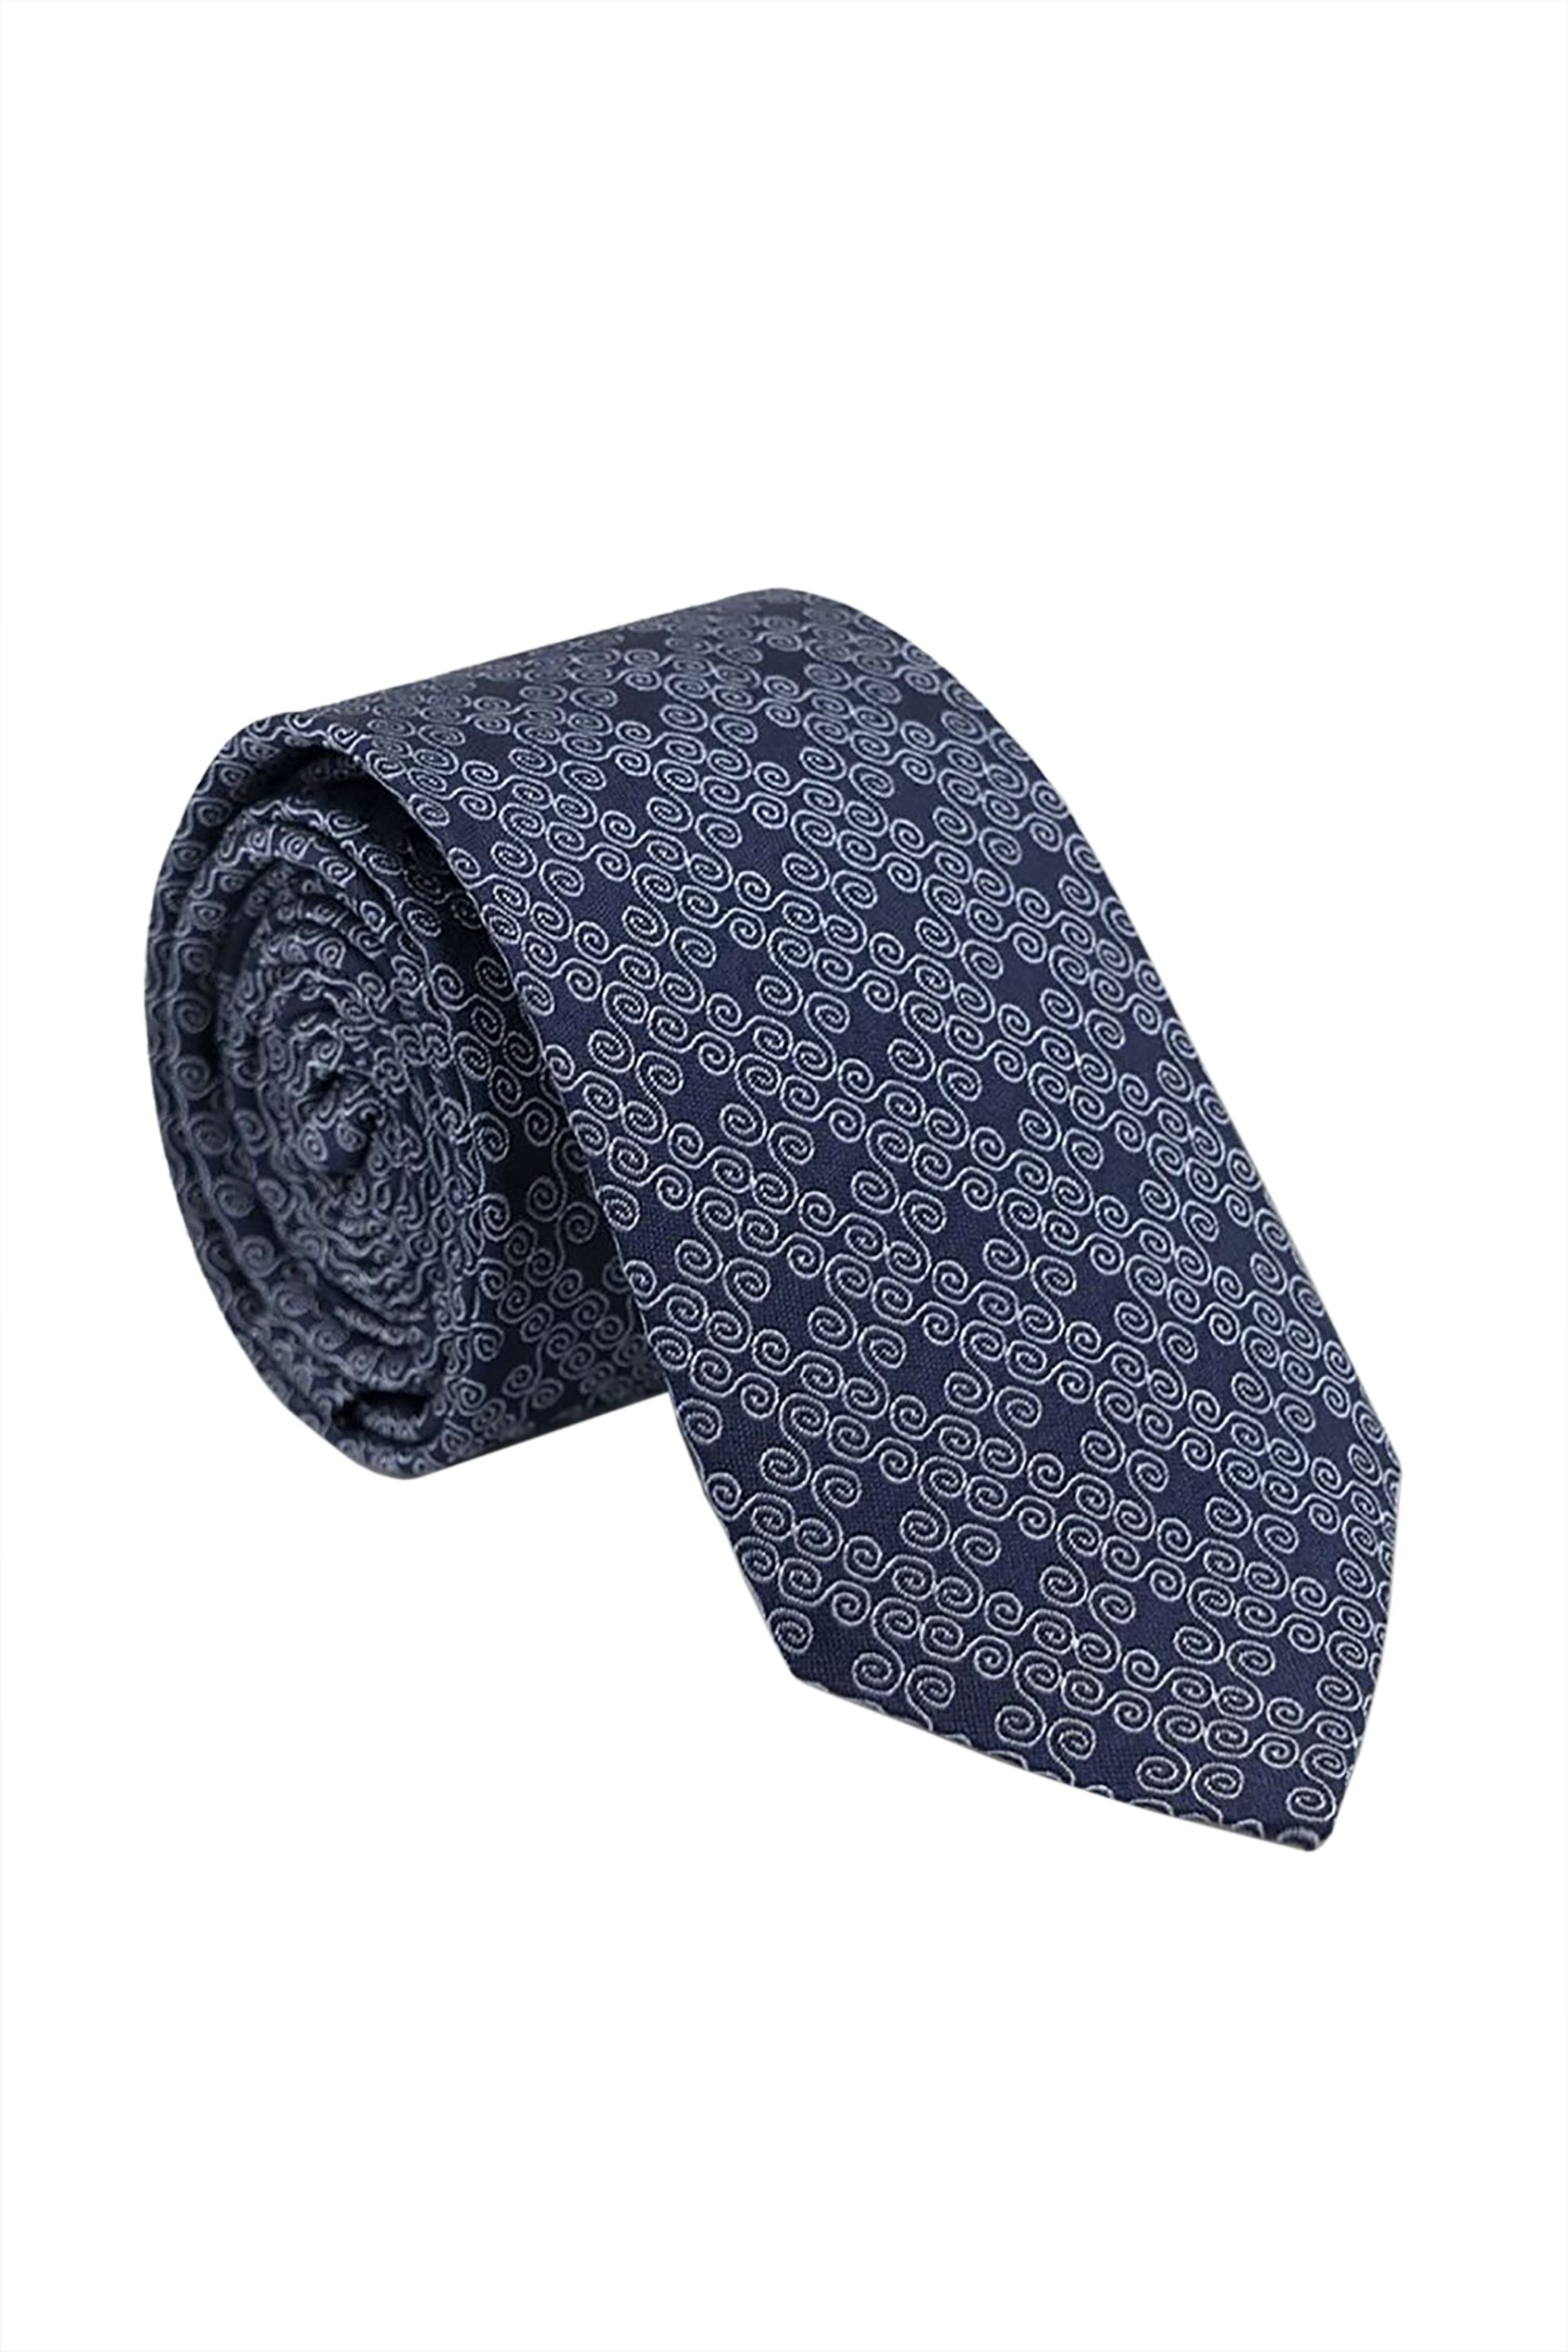 Oxford Company ανδρική μεταξωτή γραβάτα με γεωμετρικό σχέδιο - TIE51-418.02 - Μπλε Σκούρο